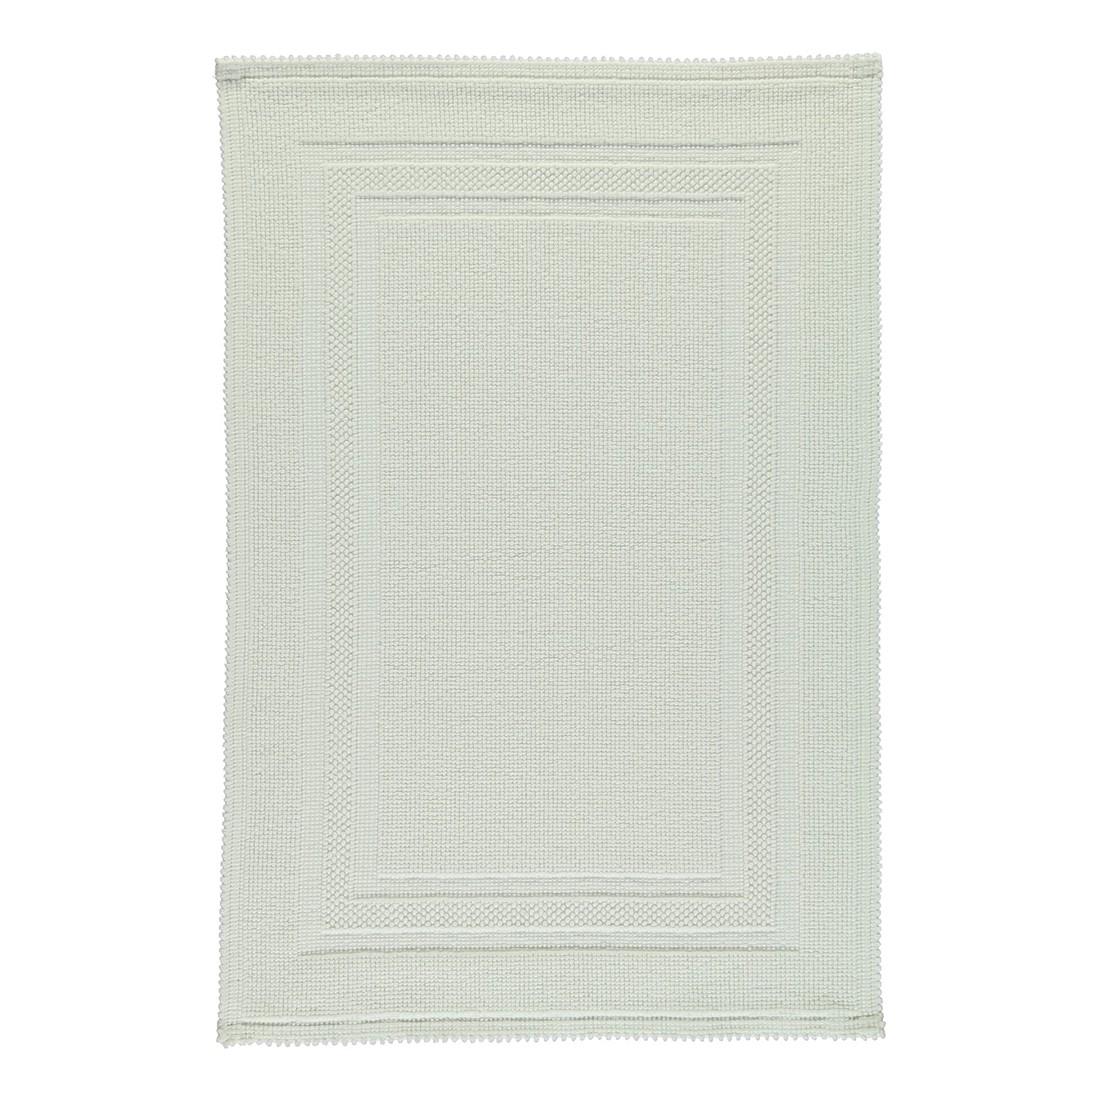 Badteppich Grace – 100% Baumwolle Weiß – 01 – 60 x 90 cm, Rhomtuft kaufen